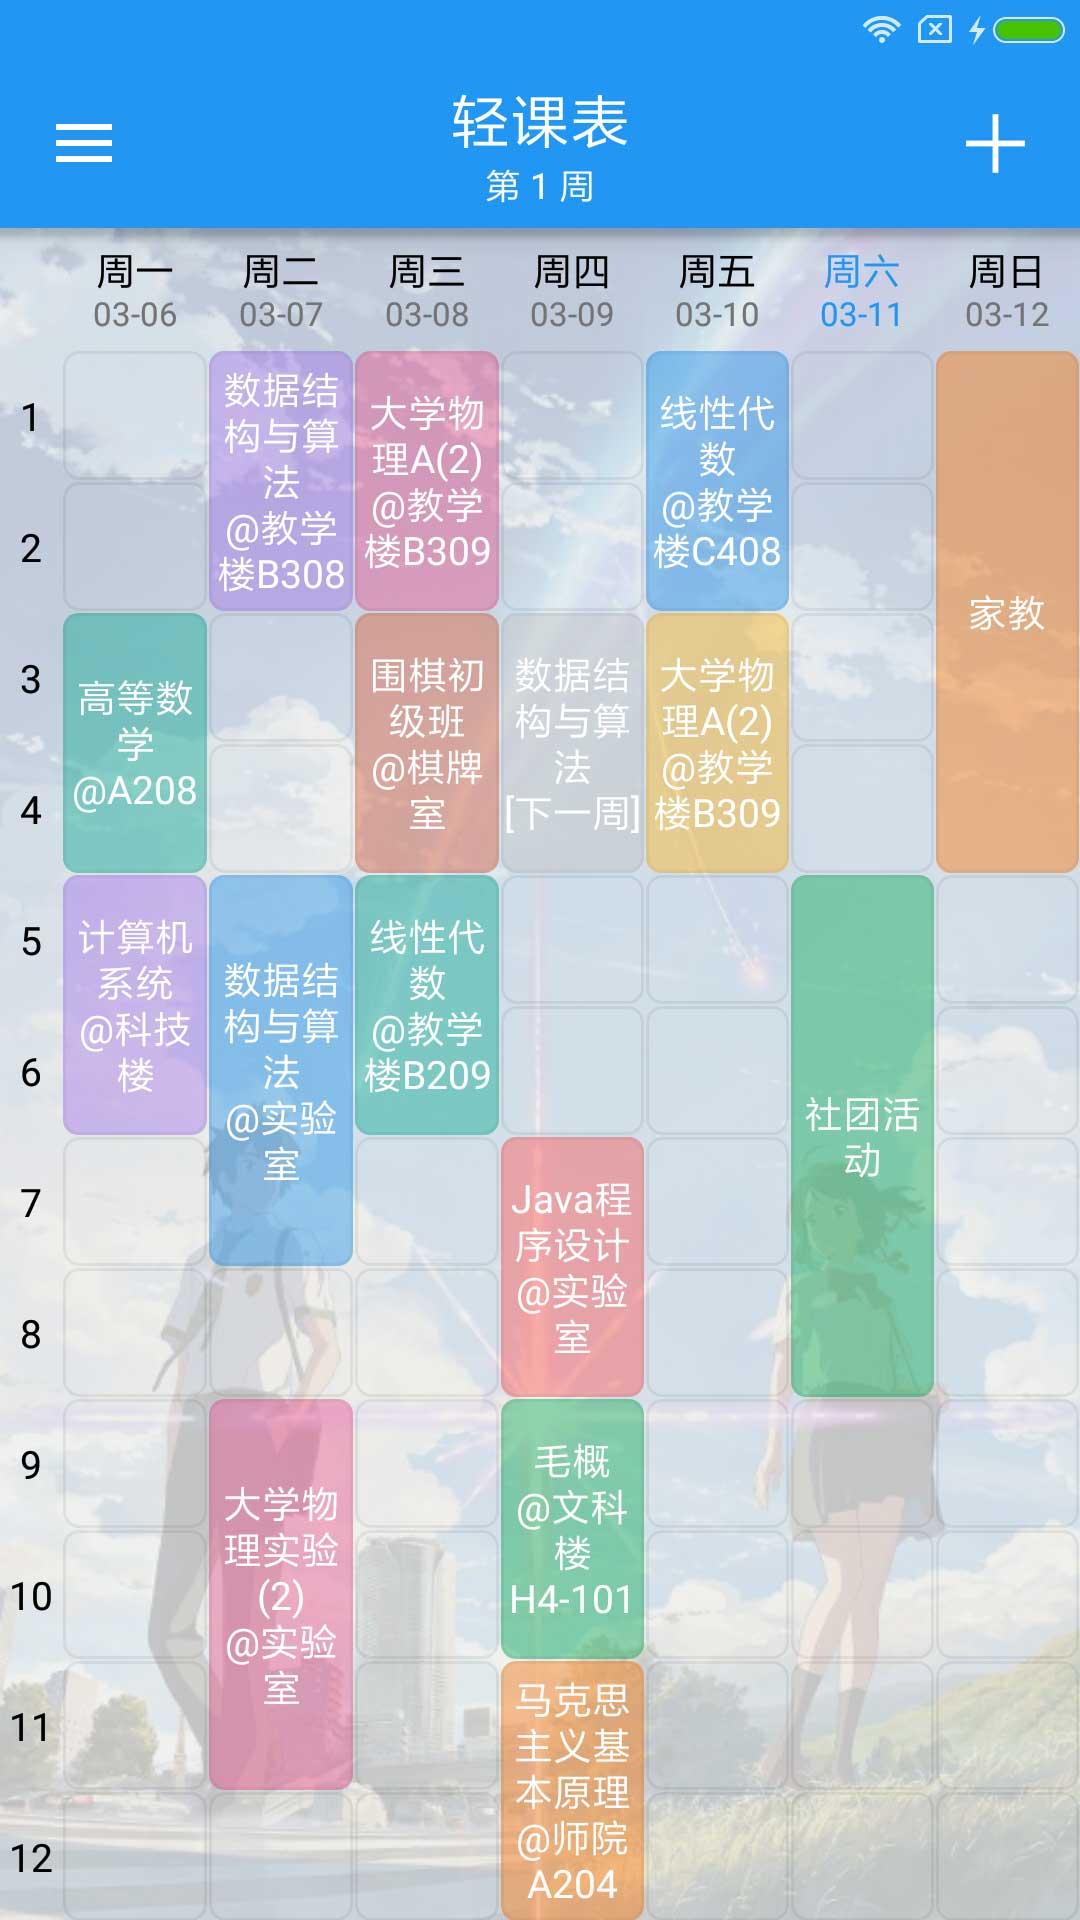 【资源分享】轻课表-爱小助